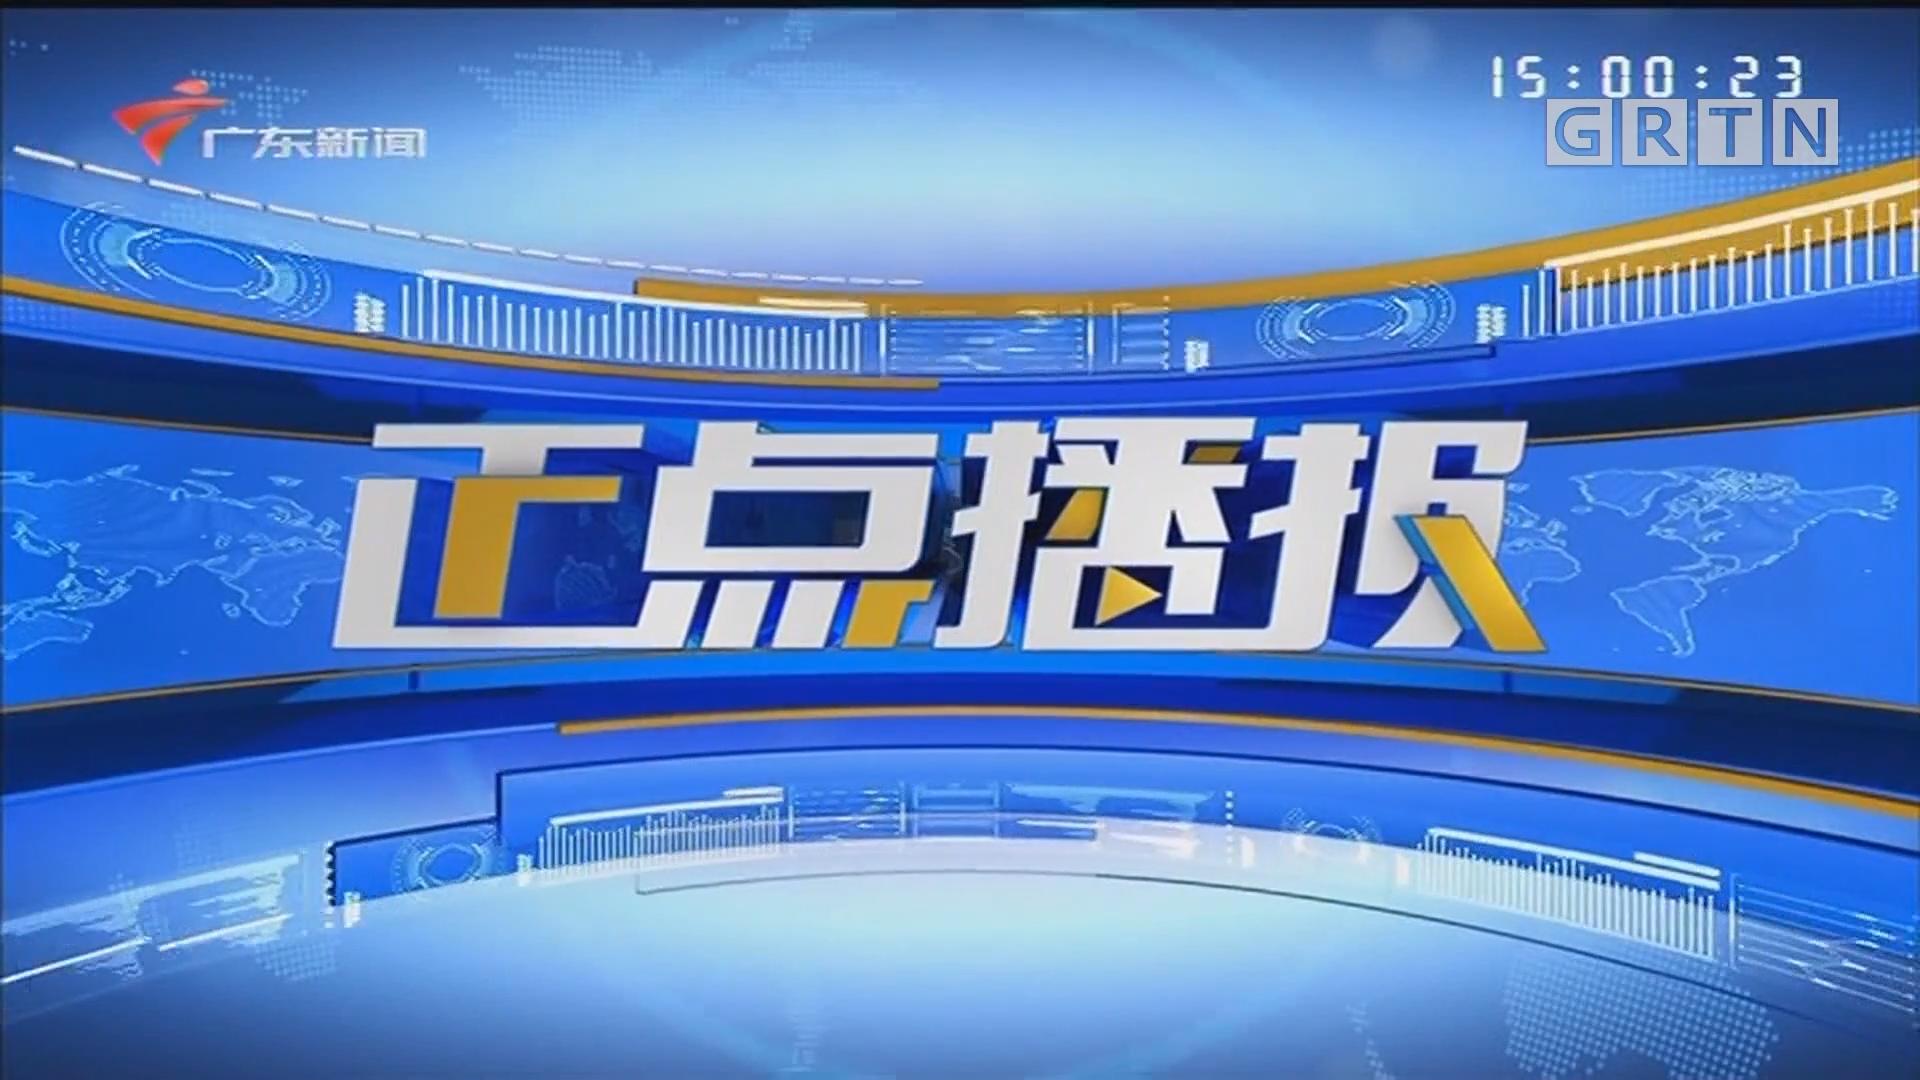 [HD][2019-12-14-15:00]正点播报:广深高速两货车追尾引发大火